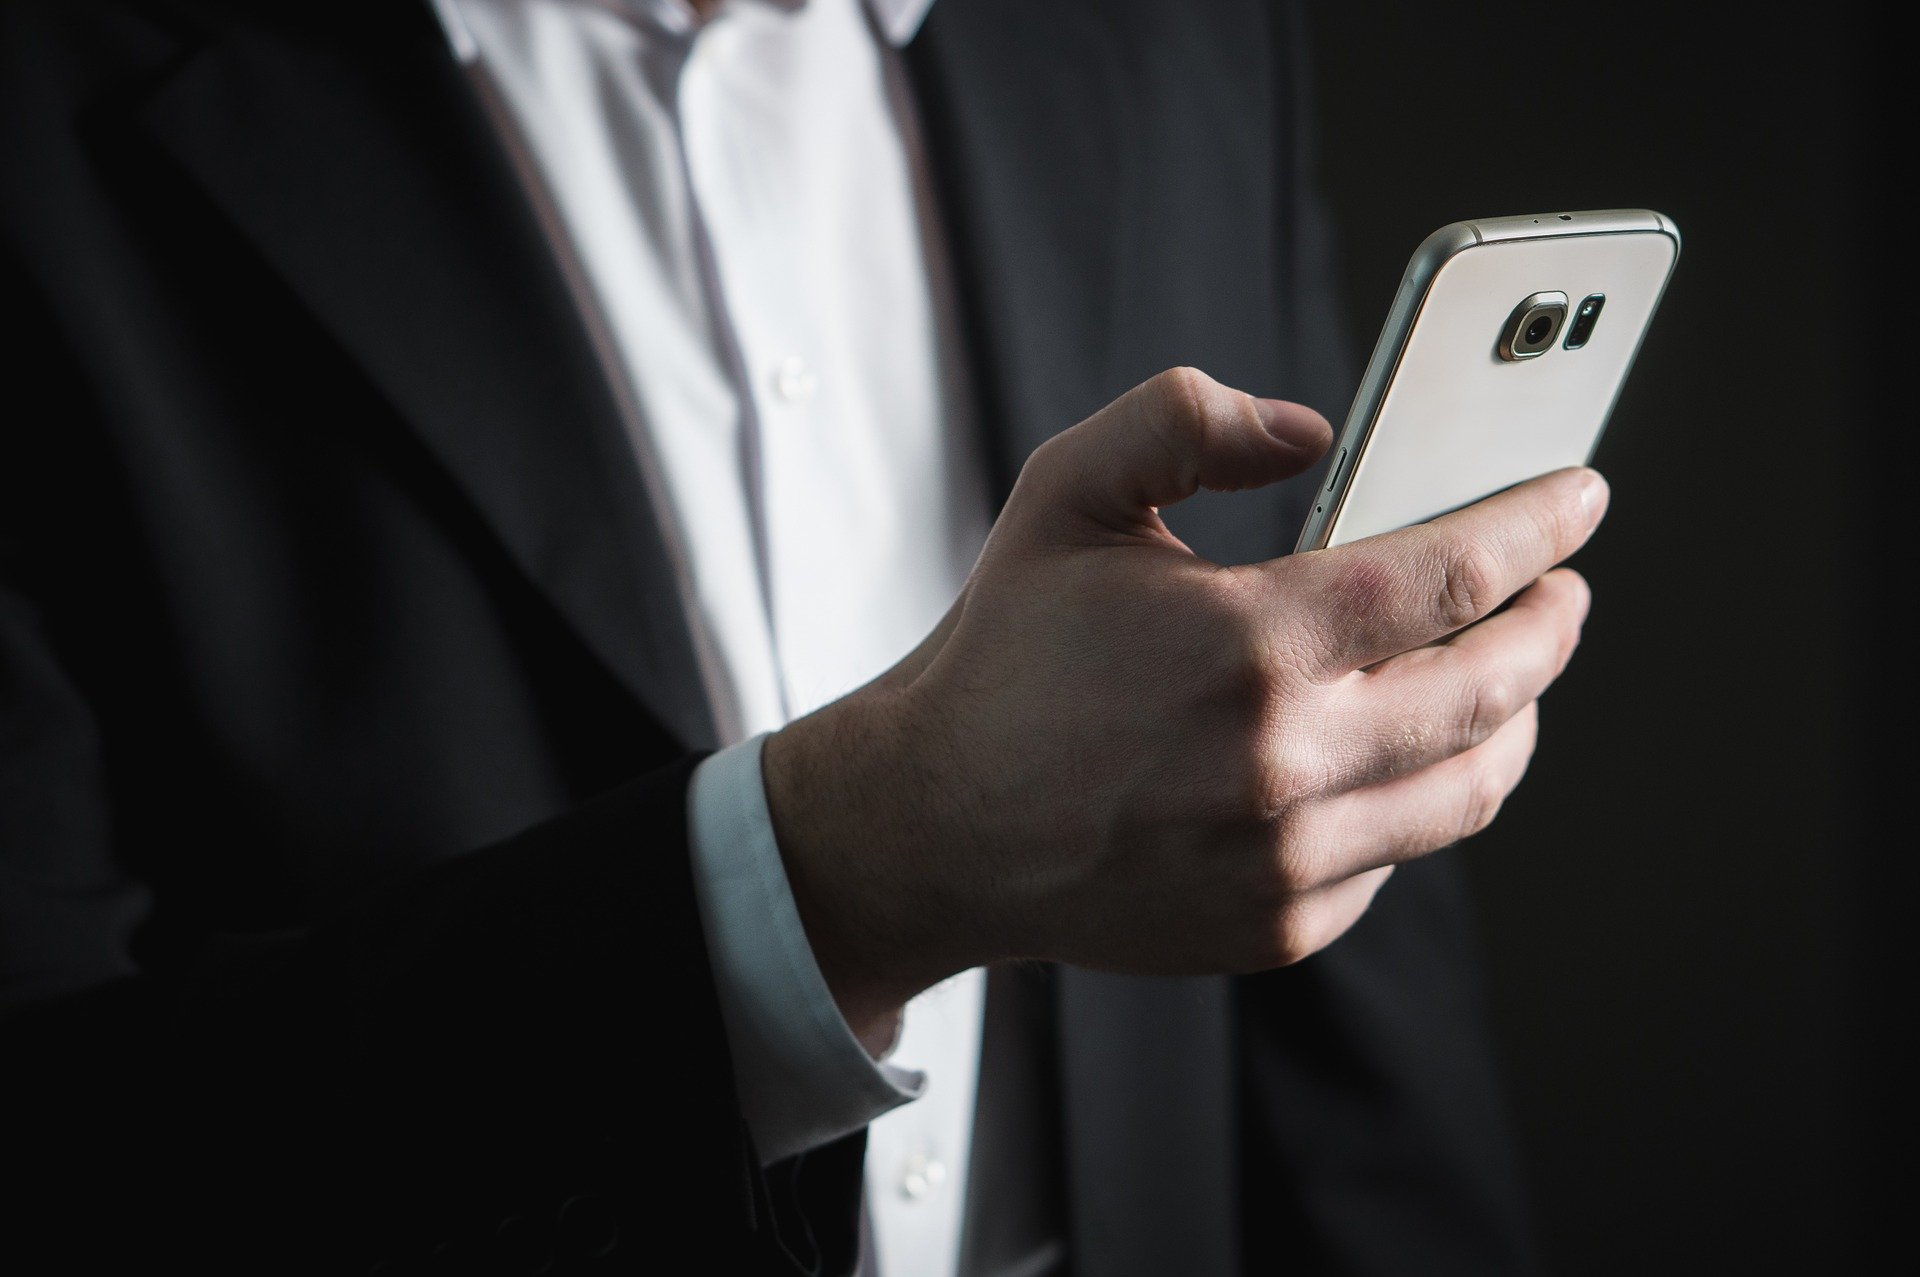 Mann im Anzug hält Smartphone in der Hand